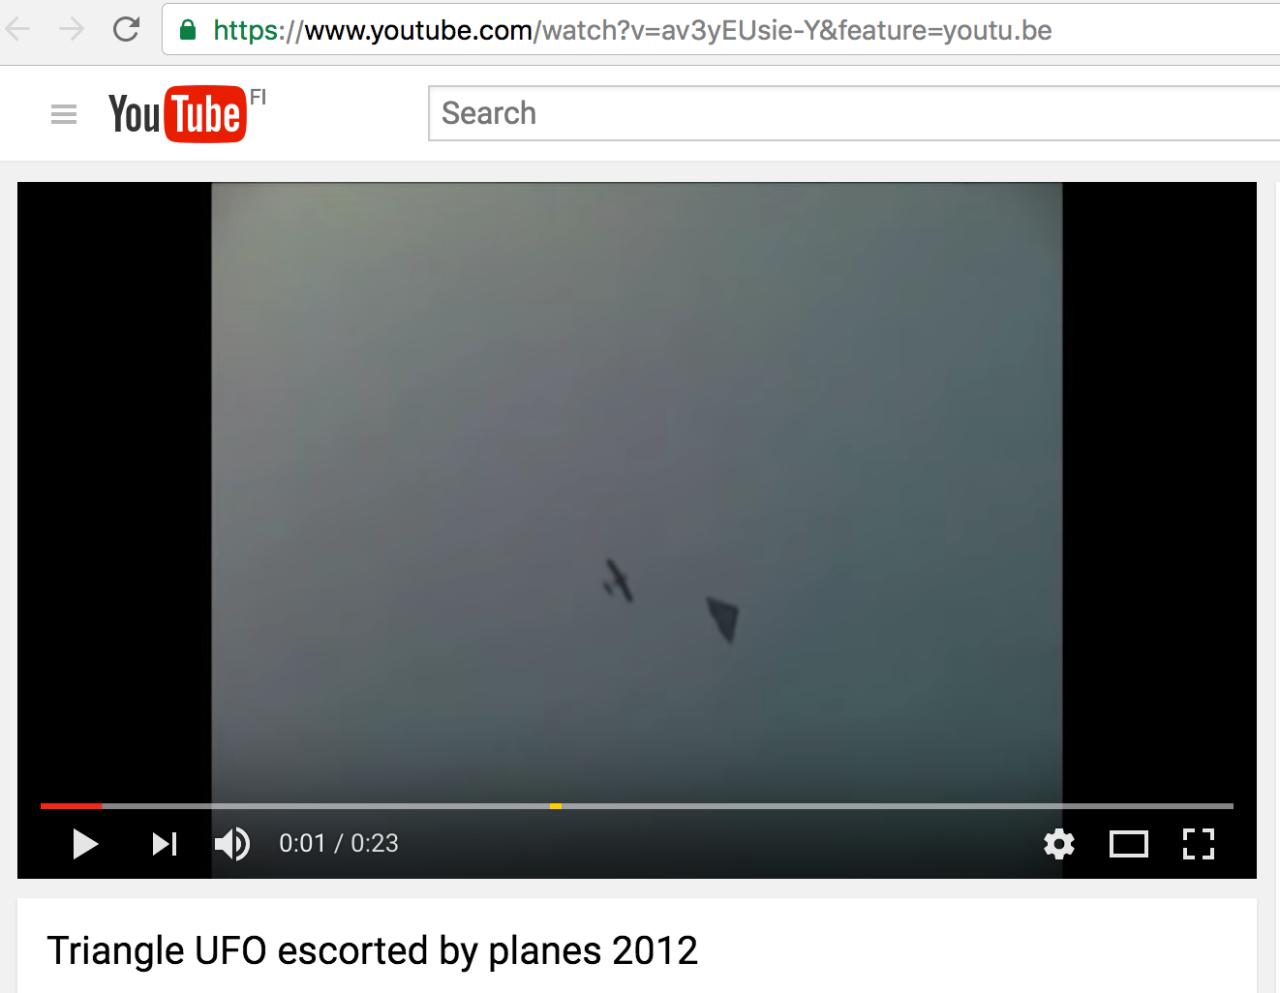 youtube-2012-ufo-hoax